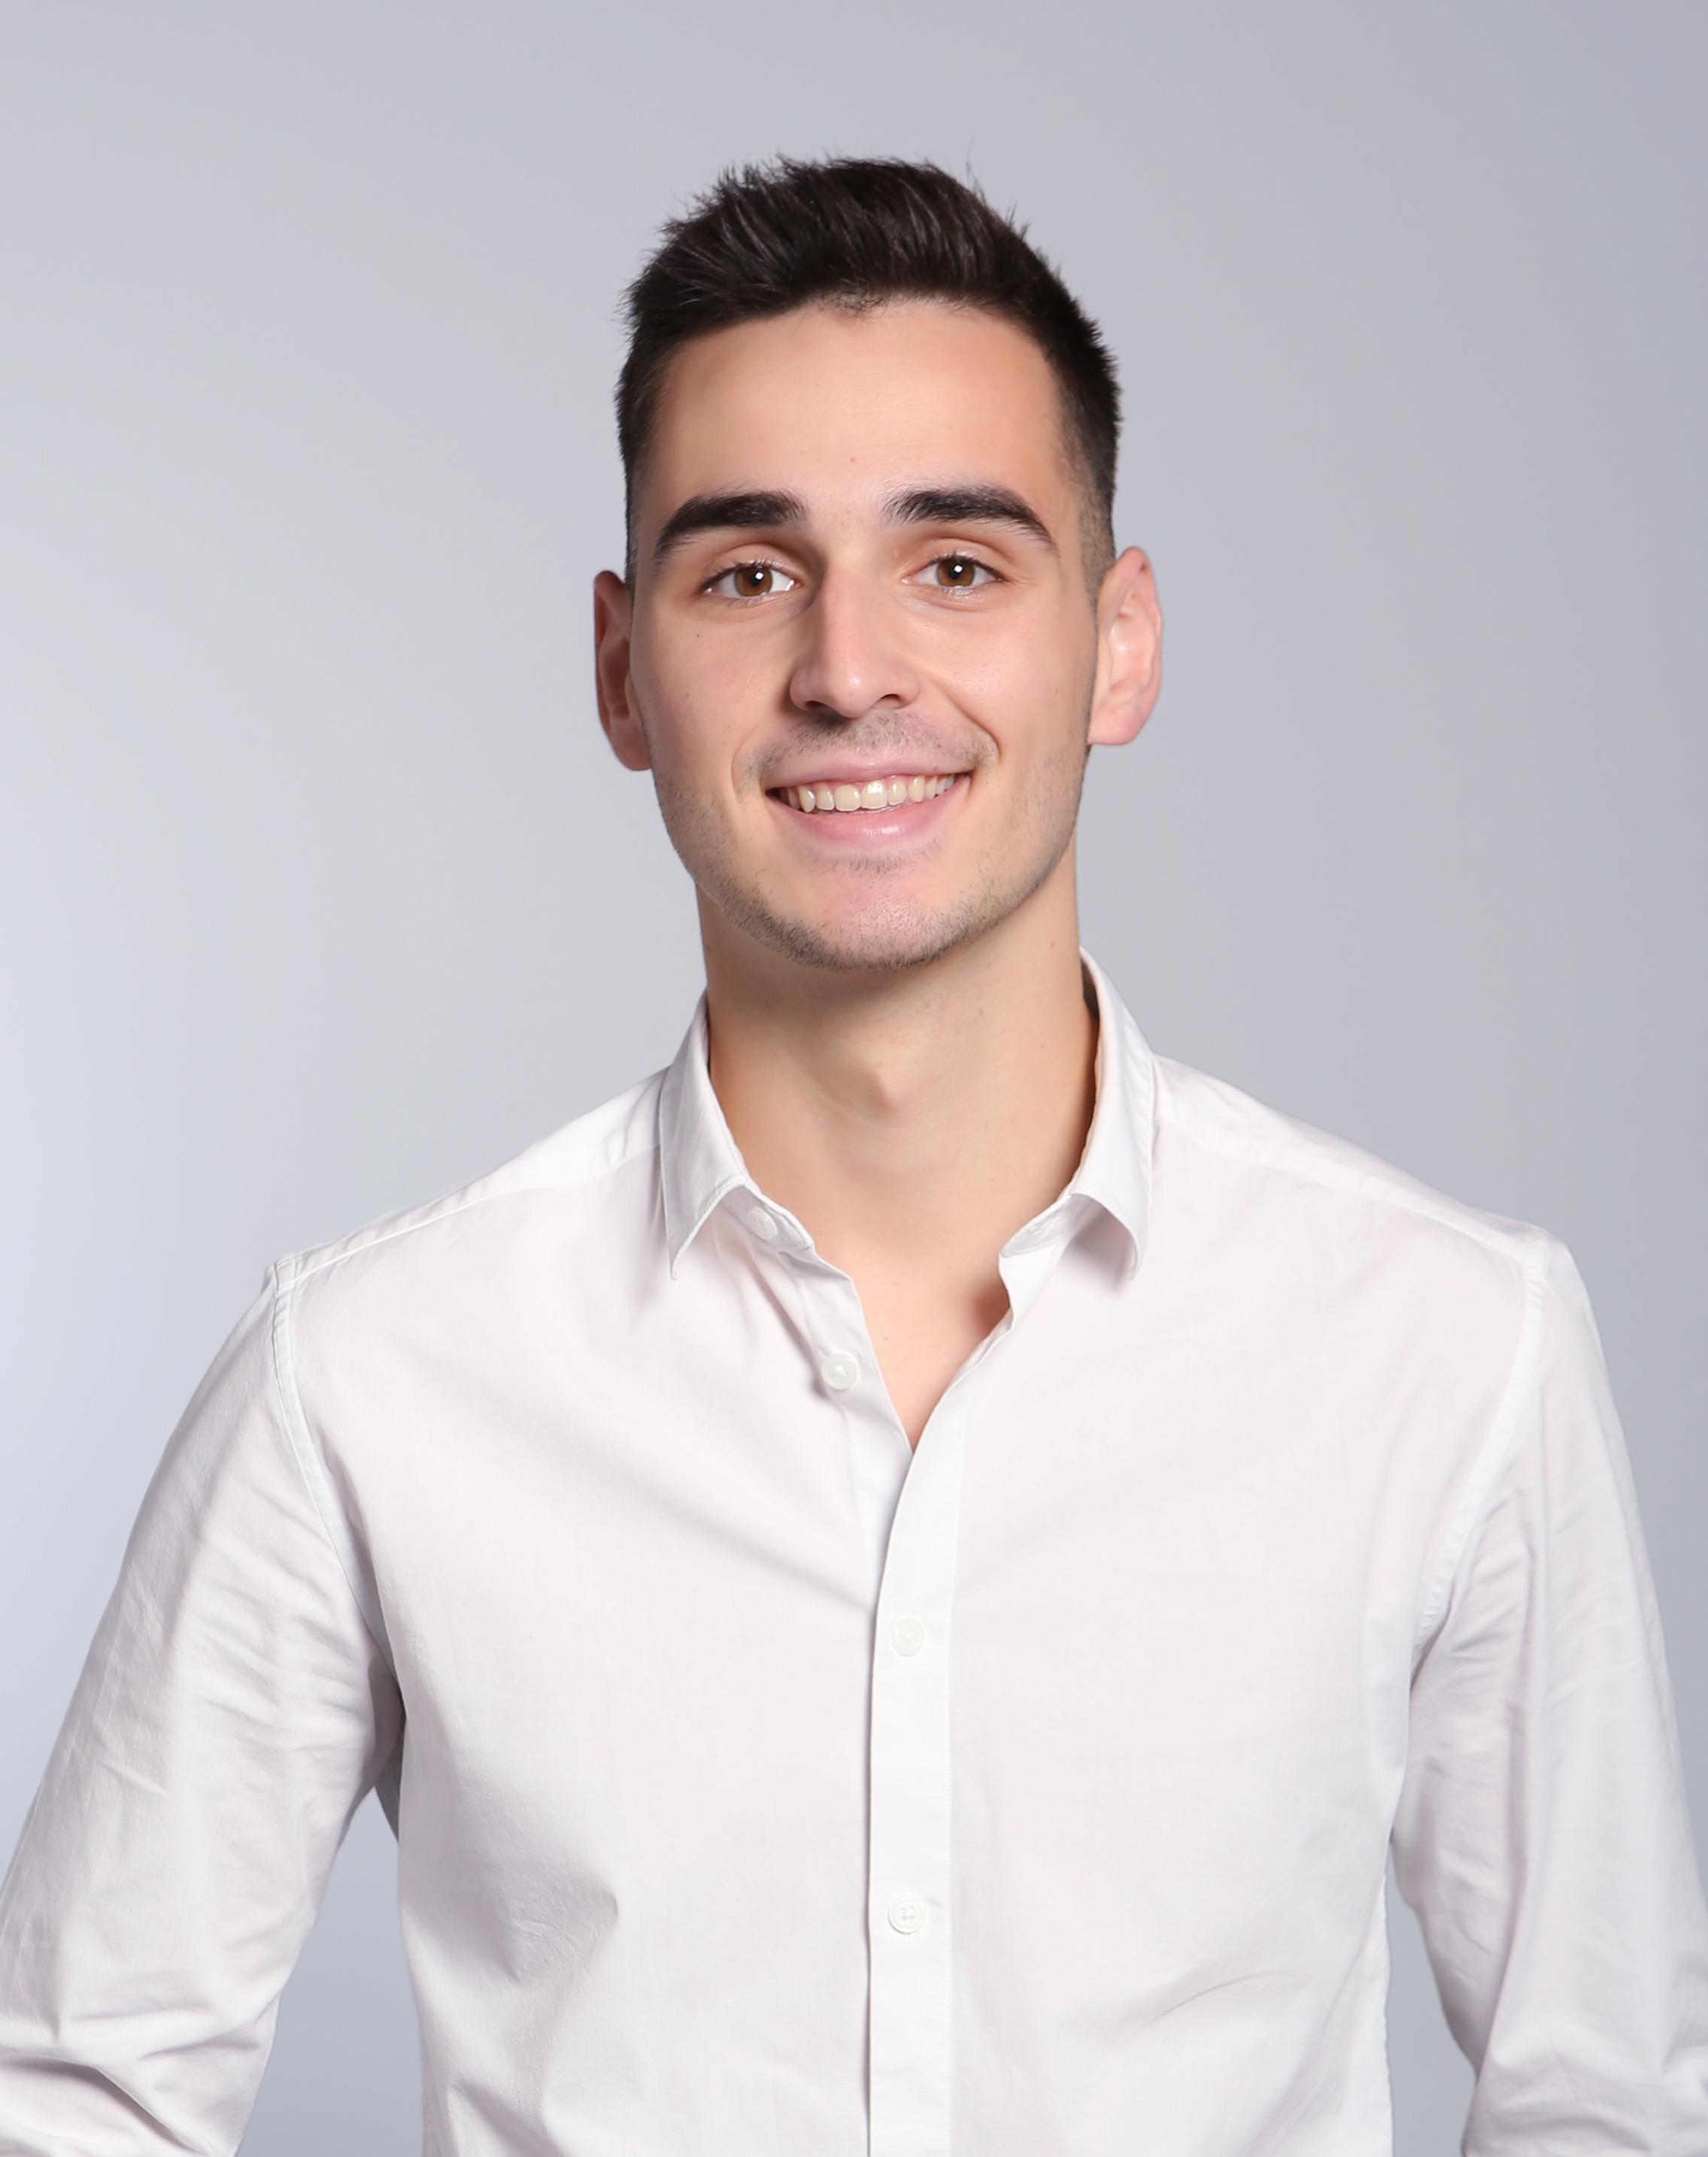 Maxime Borderon Duret Immobilier Entreprise